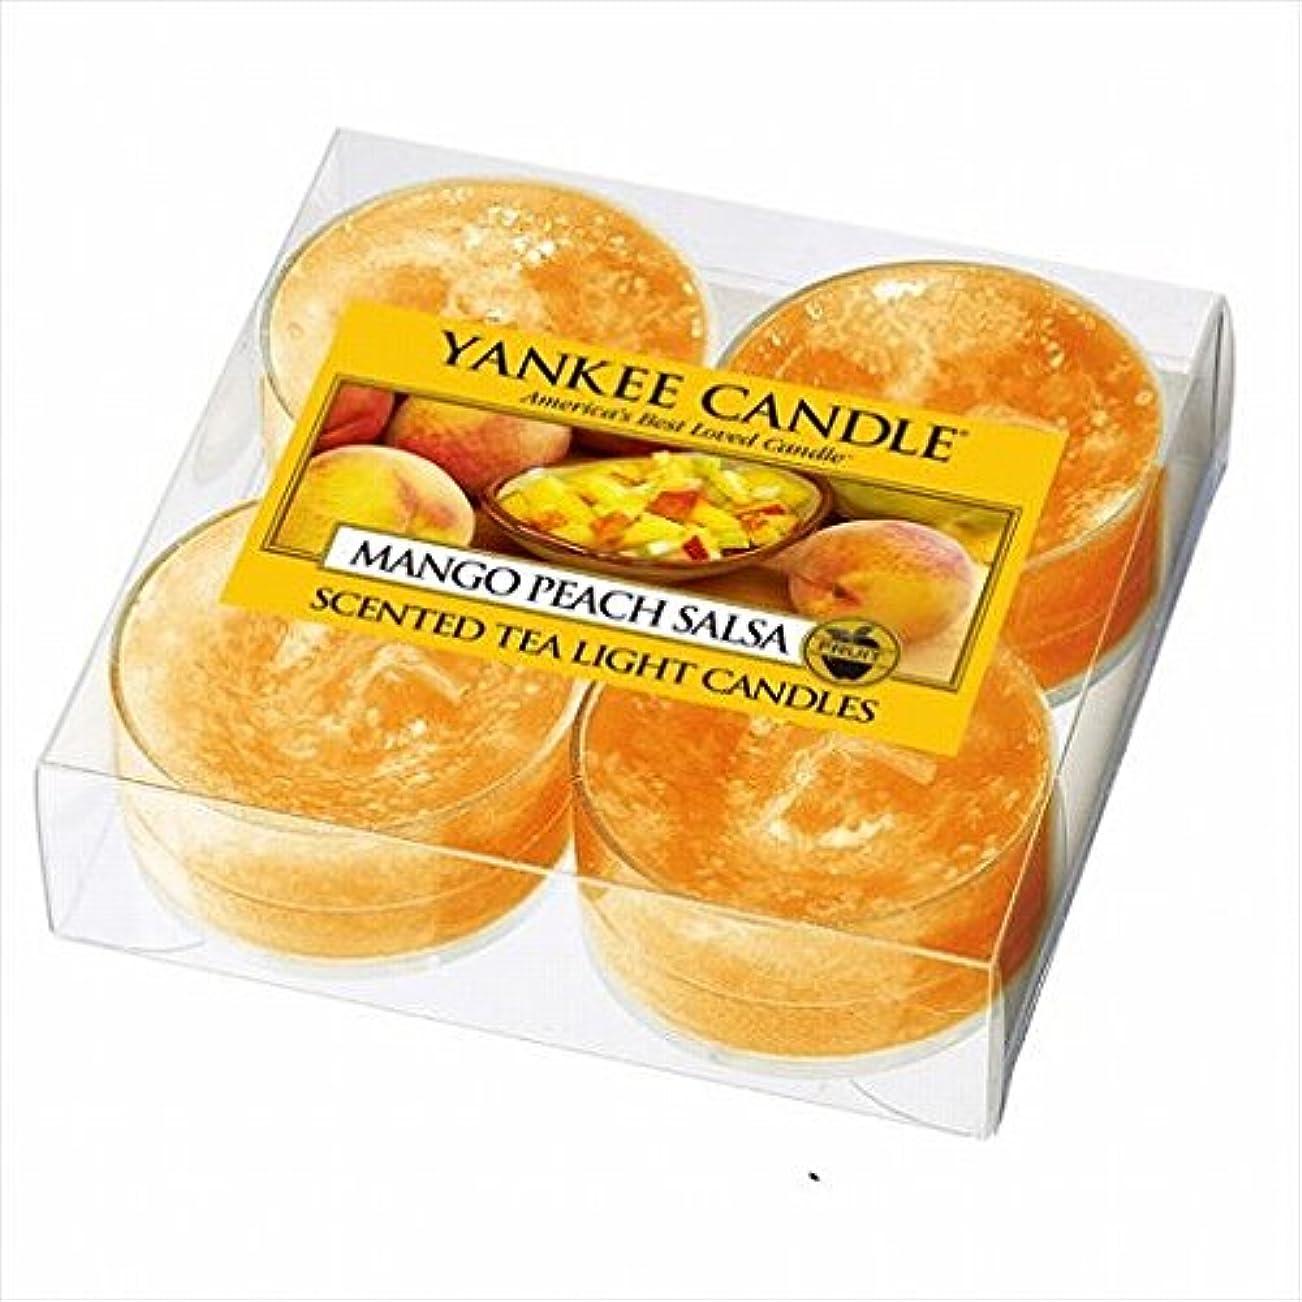 集めるこするピックカメヤマキャンドル( kameyama candle ) YANKEE CANDLE クリアカップティーライト4個入り 「 マンゴーピーチサルサ 」